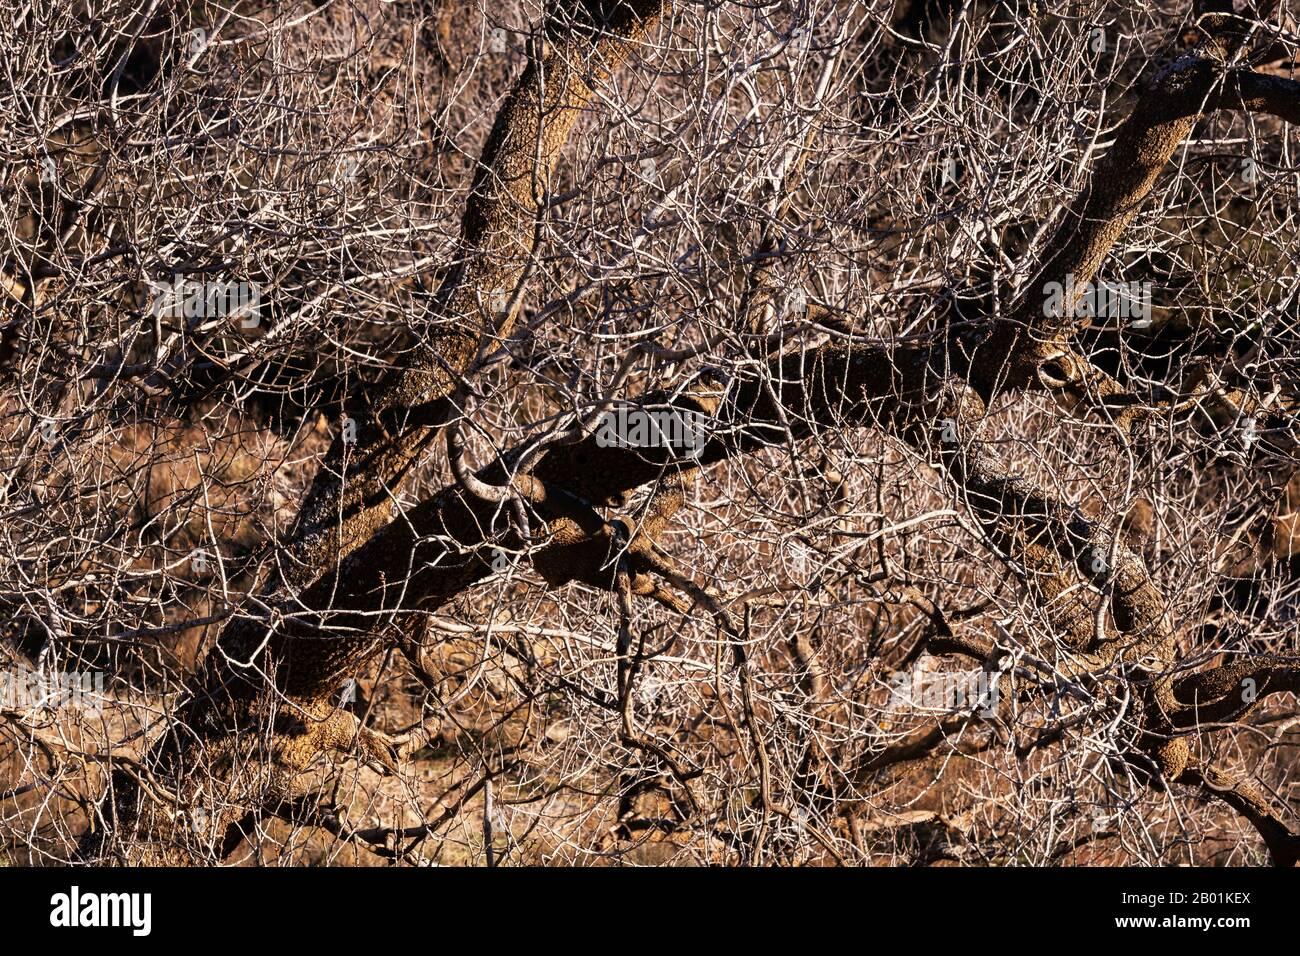 Gros plan des branches d'arbres dénudés sans feuilles en hiver, printemps. Image d'arrière-plan de la nature. Banque D'Images